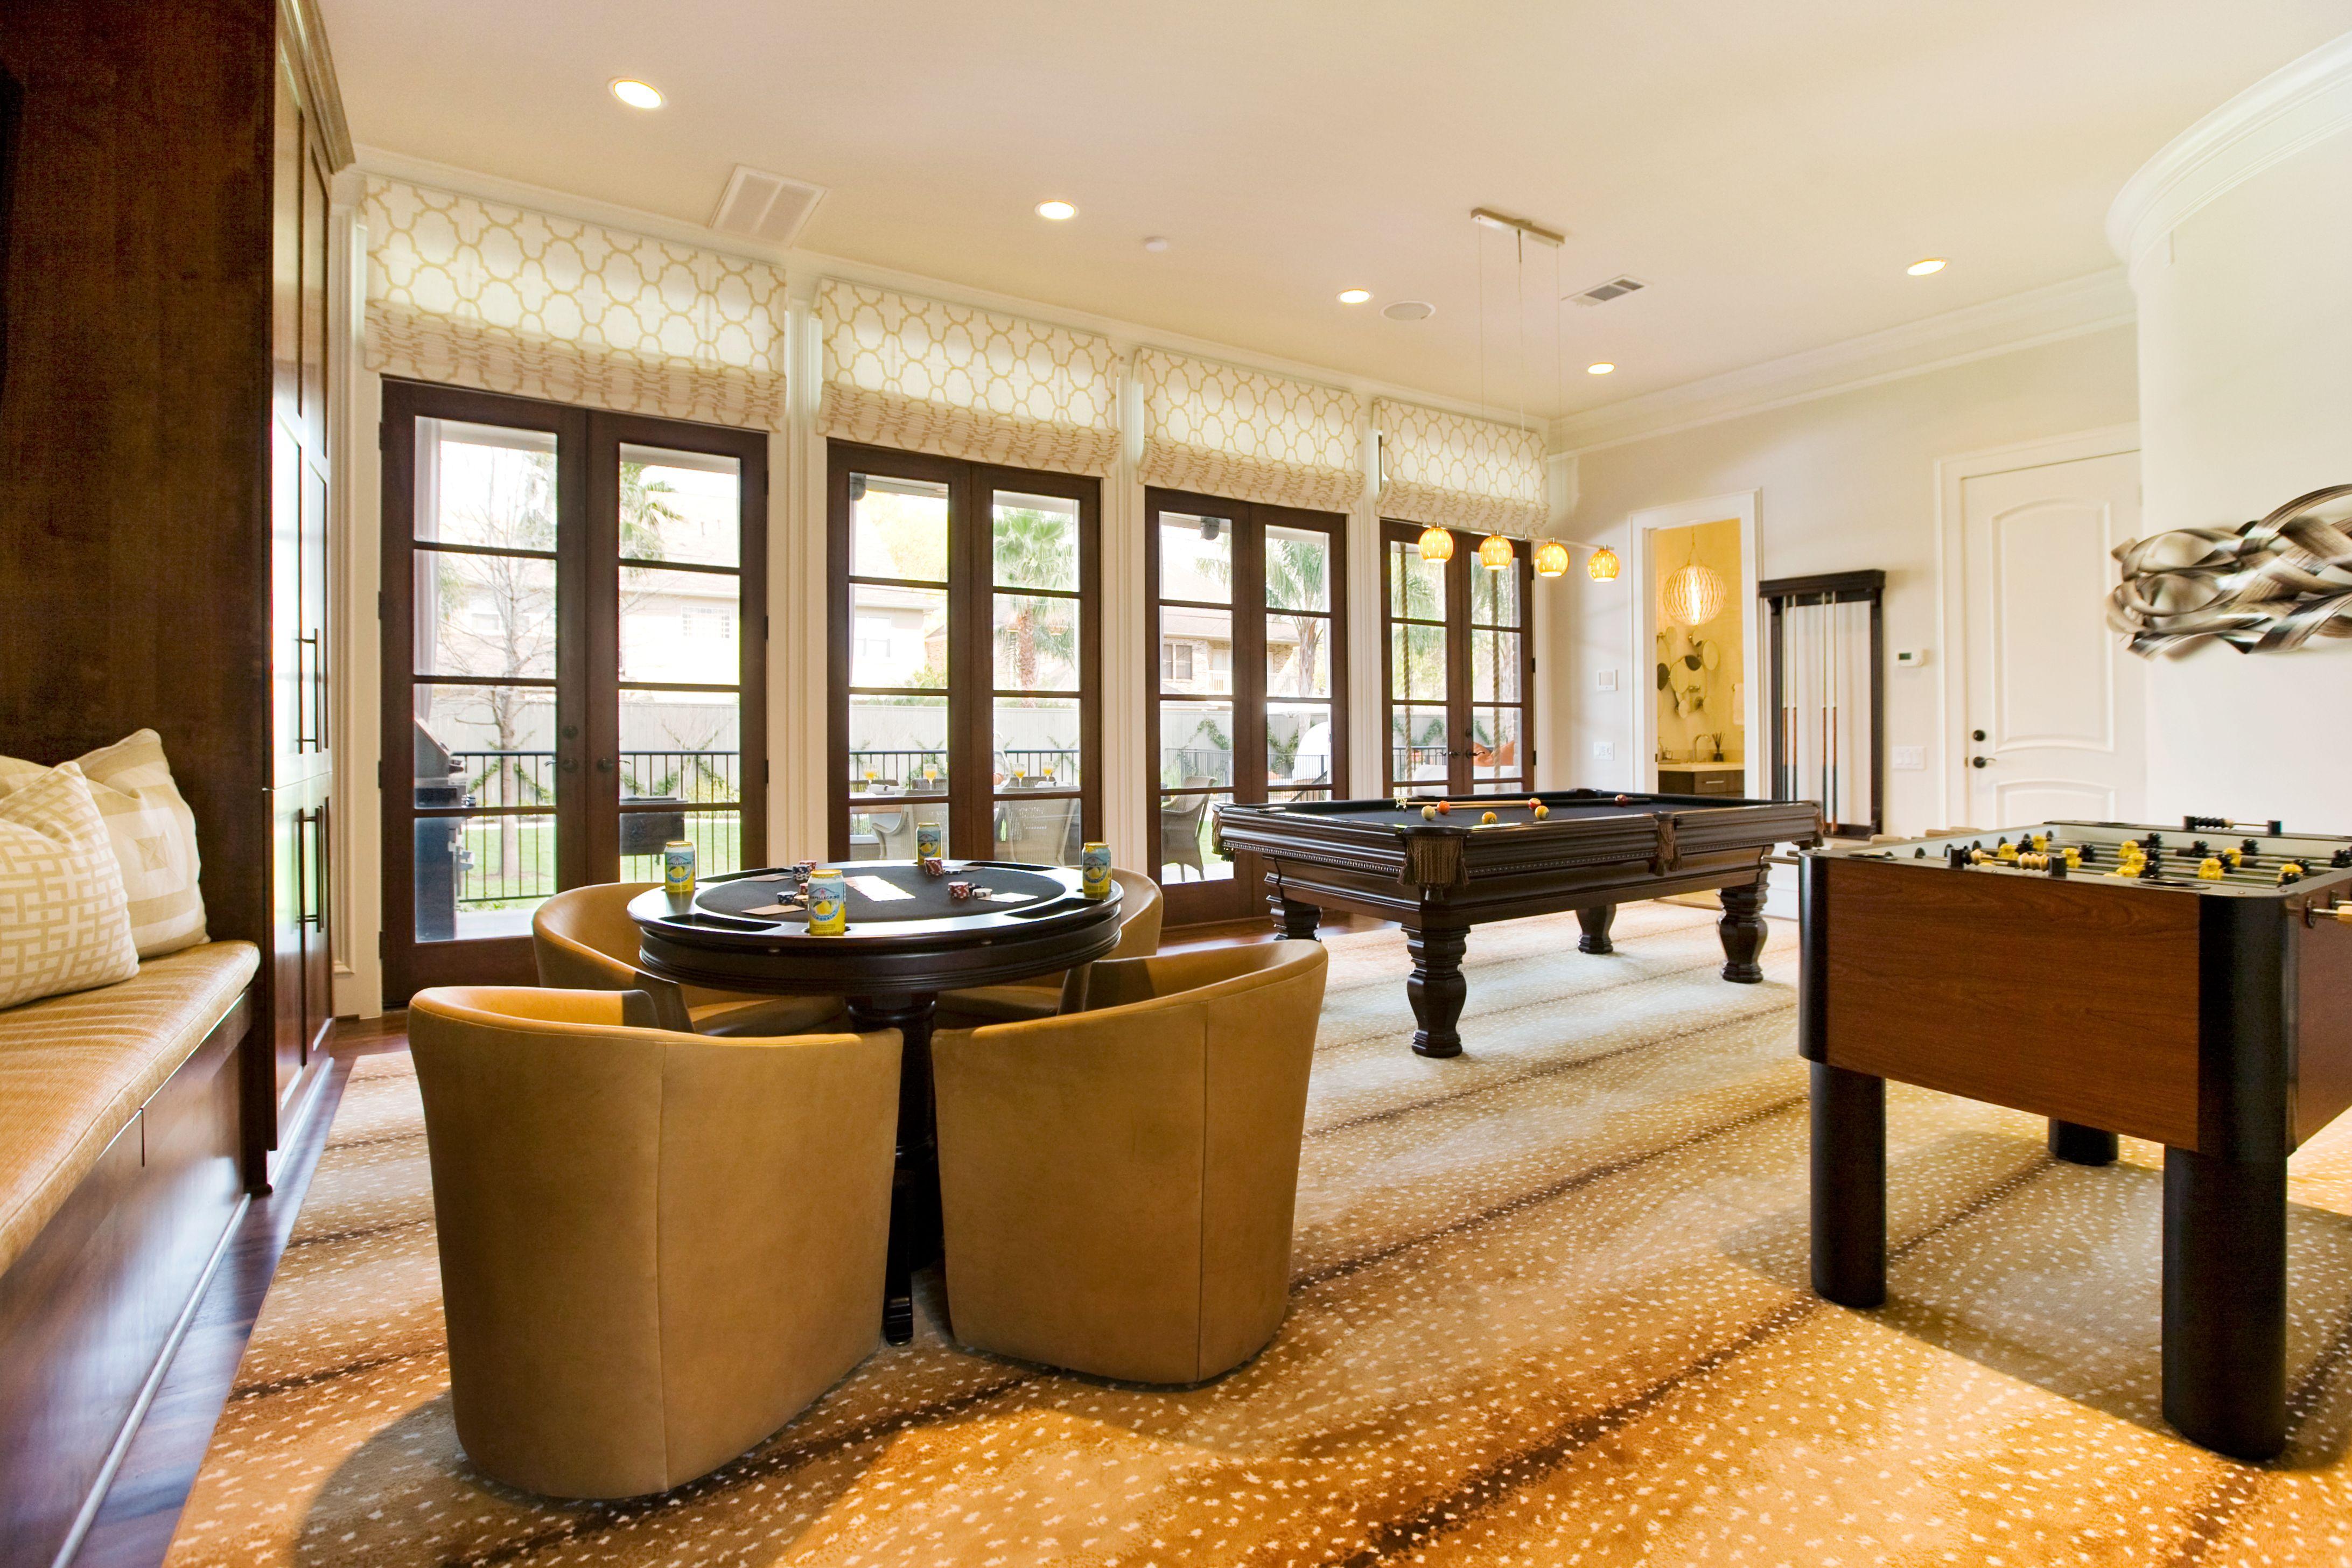 Laura U Interior Design #residential #interior #design #gameroom www ...